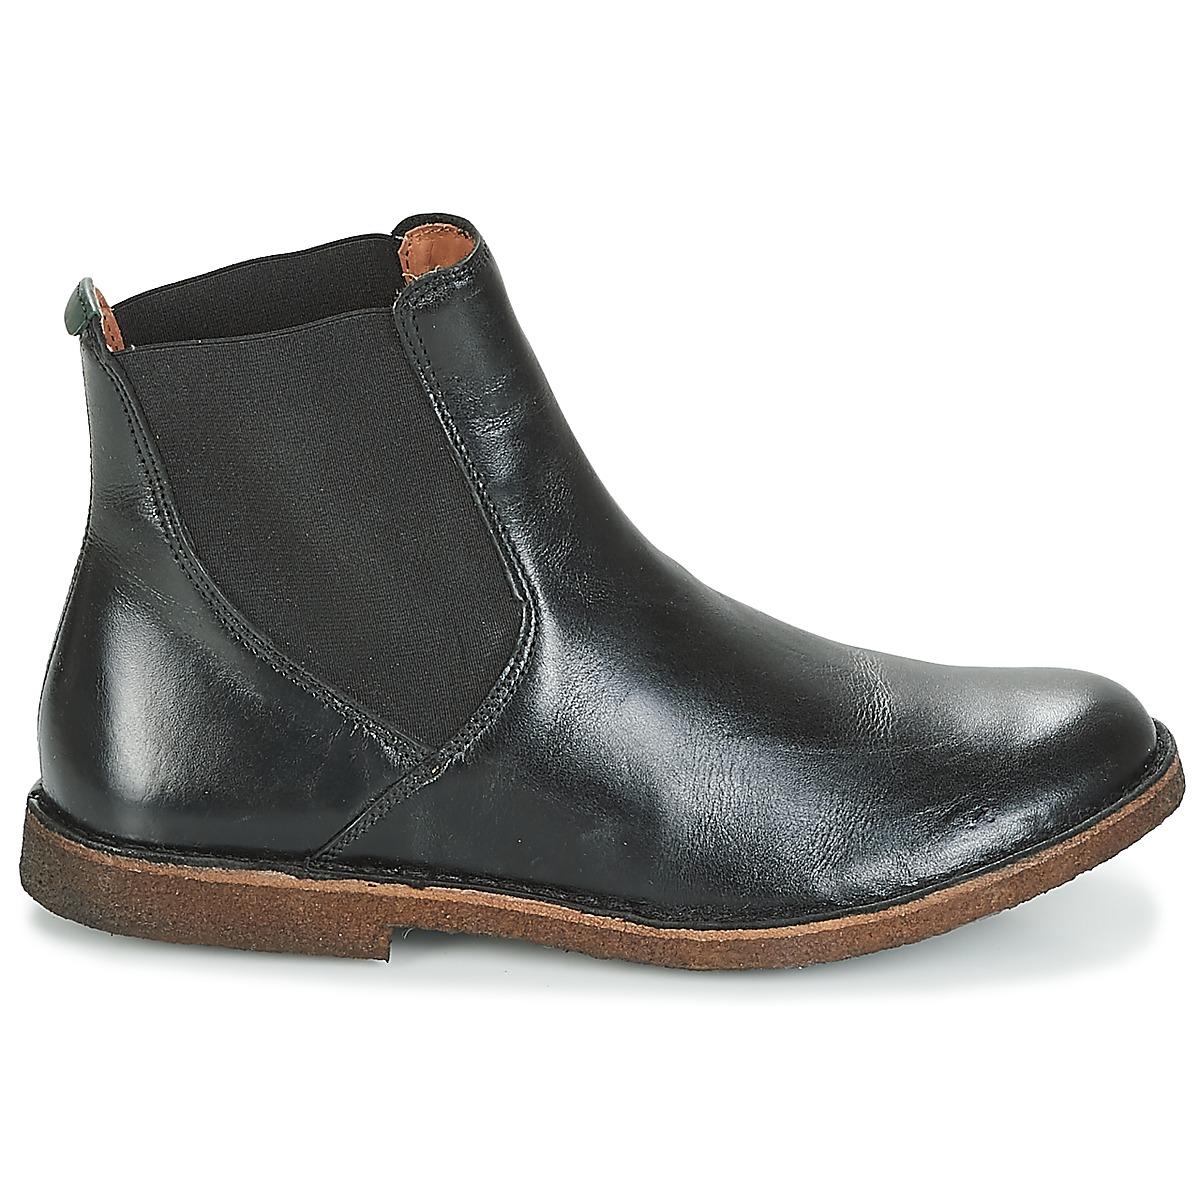 Boots Kickers Kickers Tinto Boots Tinto Boots Kickers Tinto Kickers Kickers Tinto Boots Boots Tinto ybfgv76Y